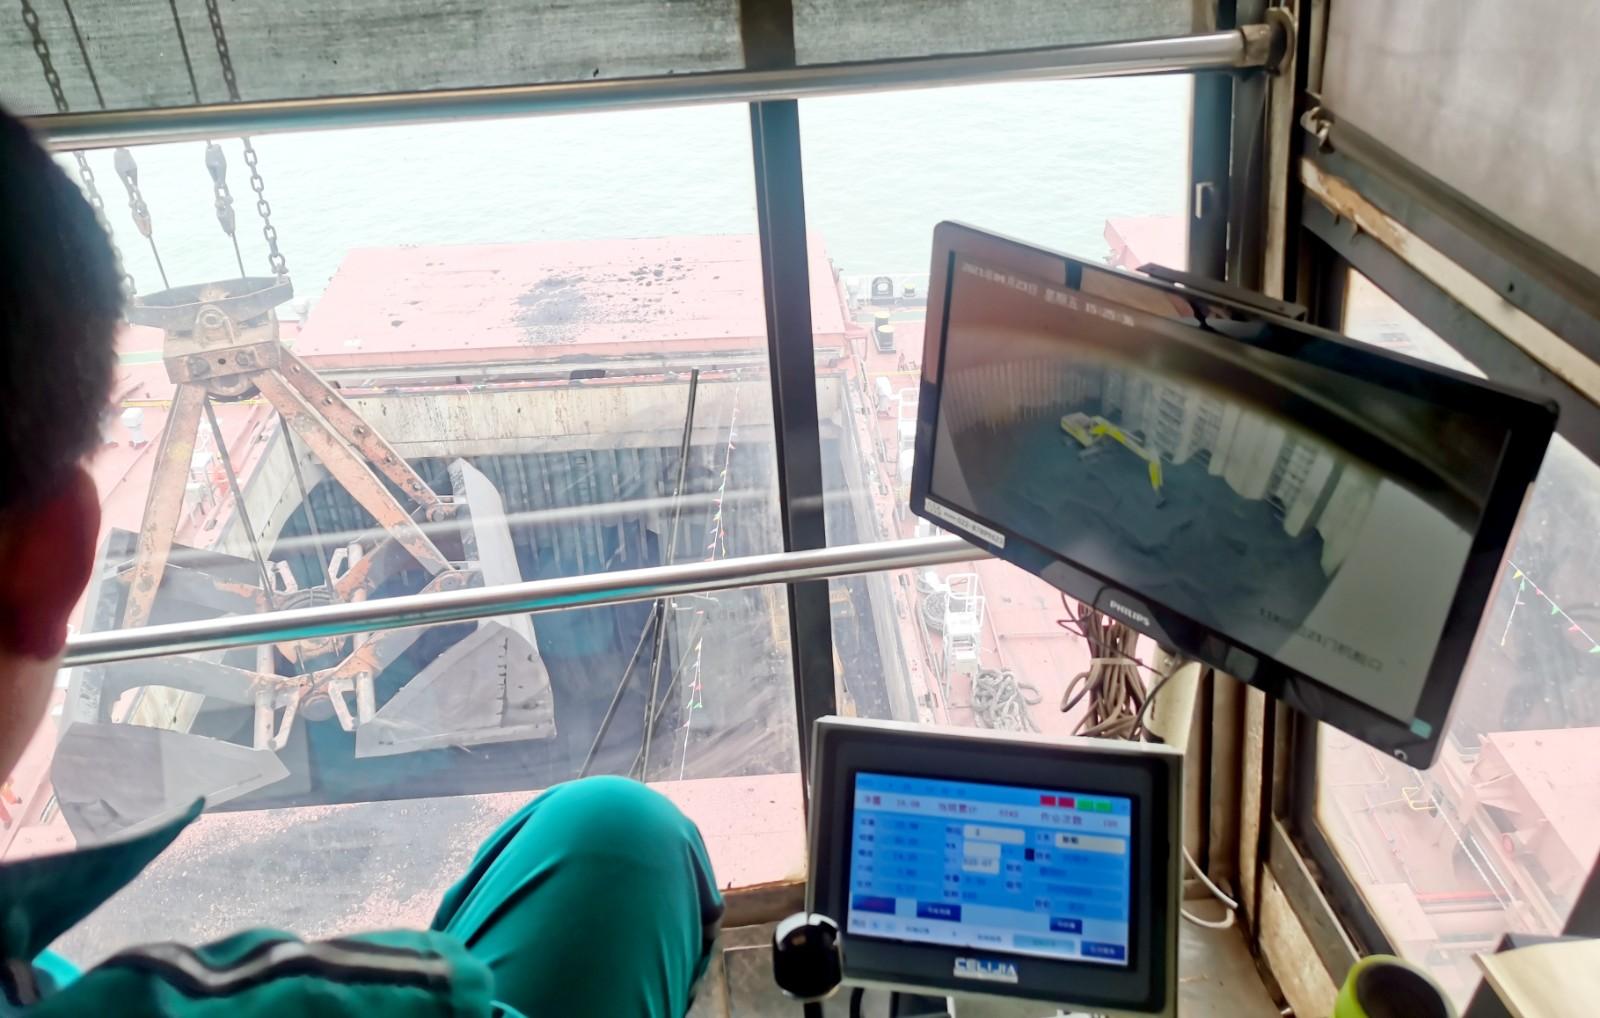 山东港口日照港岚山公司在货轮舱口安装移动式高清监控球机,实现作业过程无人指挥